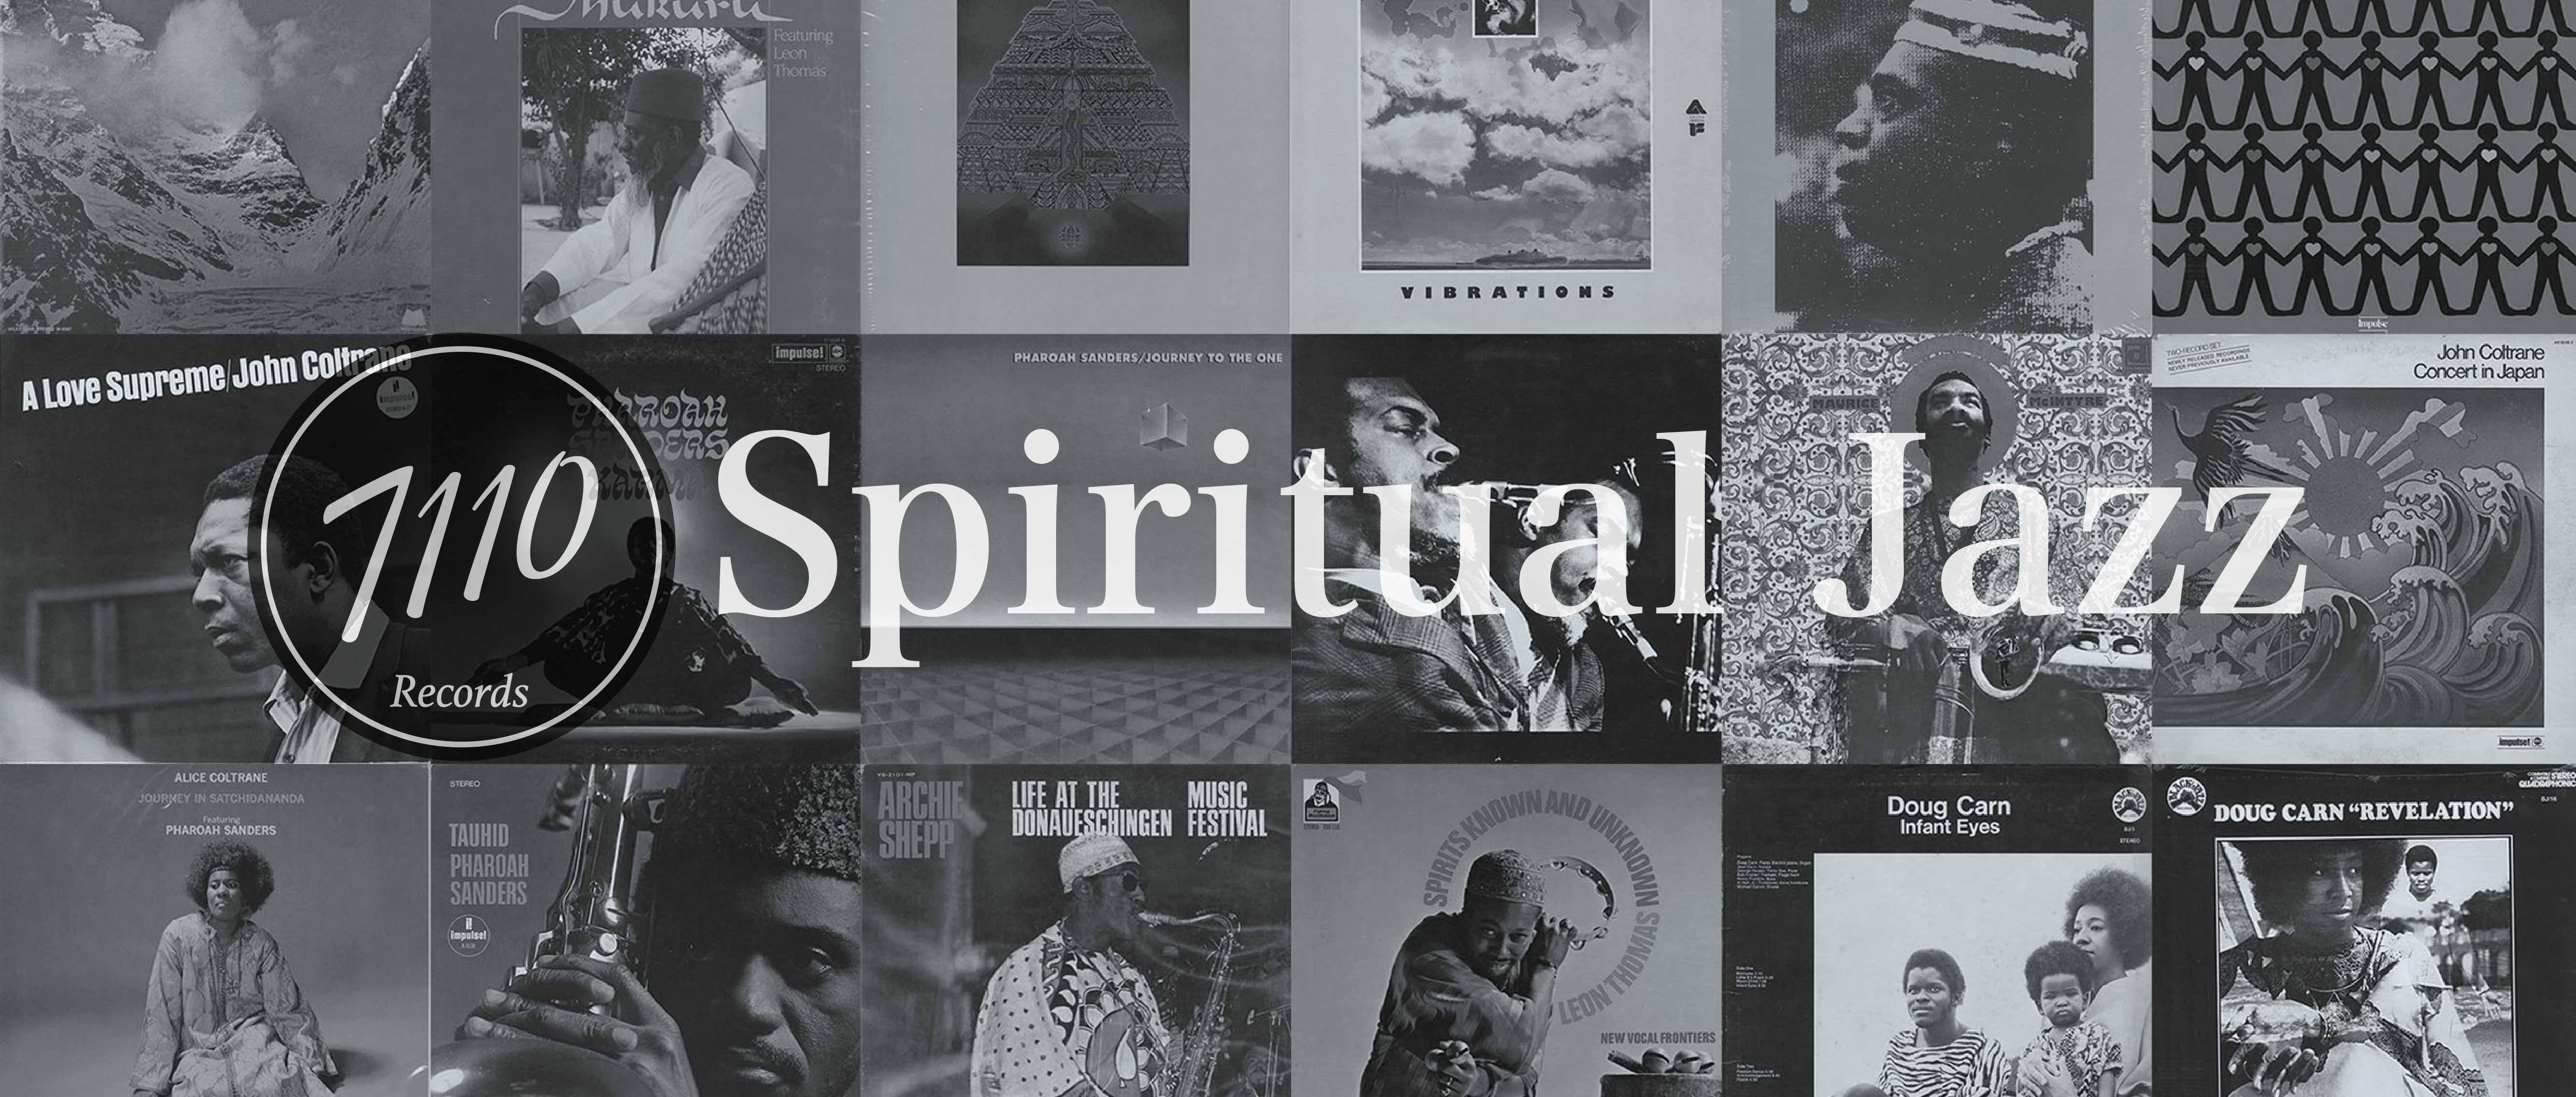 Spiritual Jazz Blog #1 / スピリチュアルジャズとは?